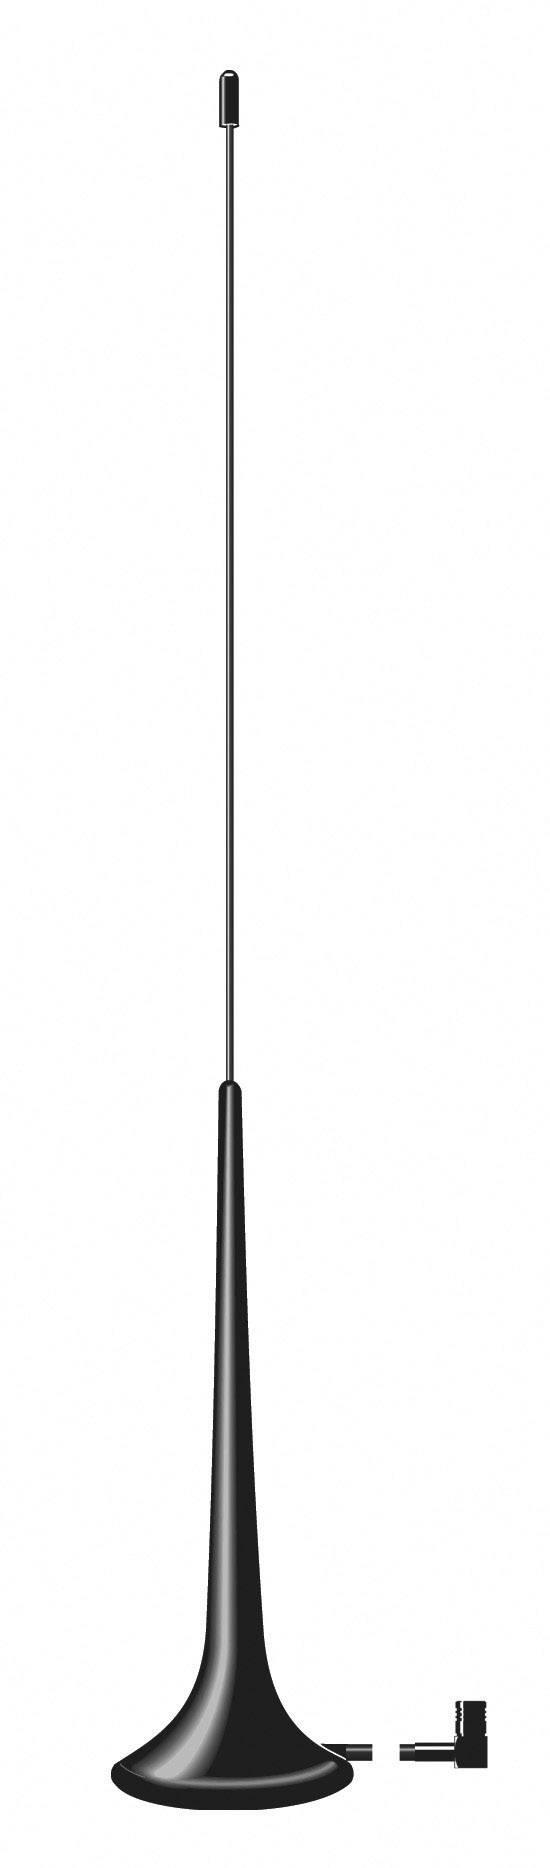 DAB univerzálna autoanténa s magnetom Blaupunkt 7617495235